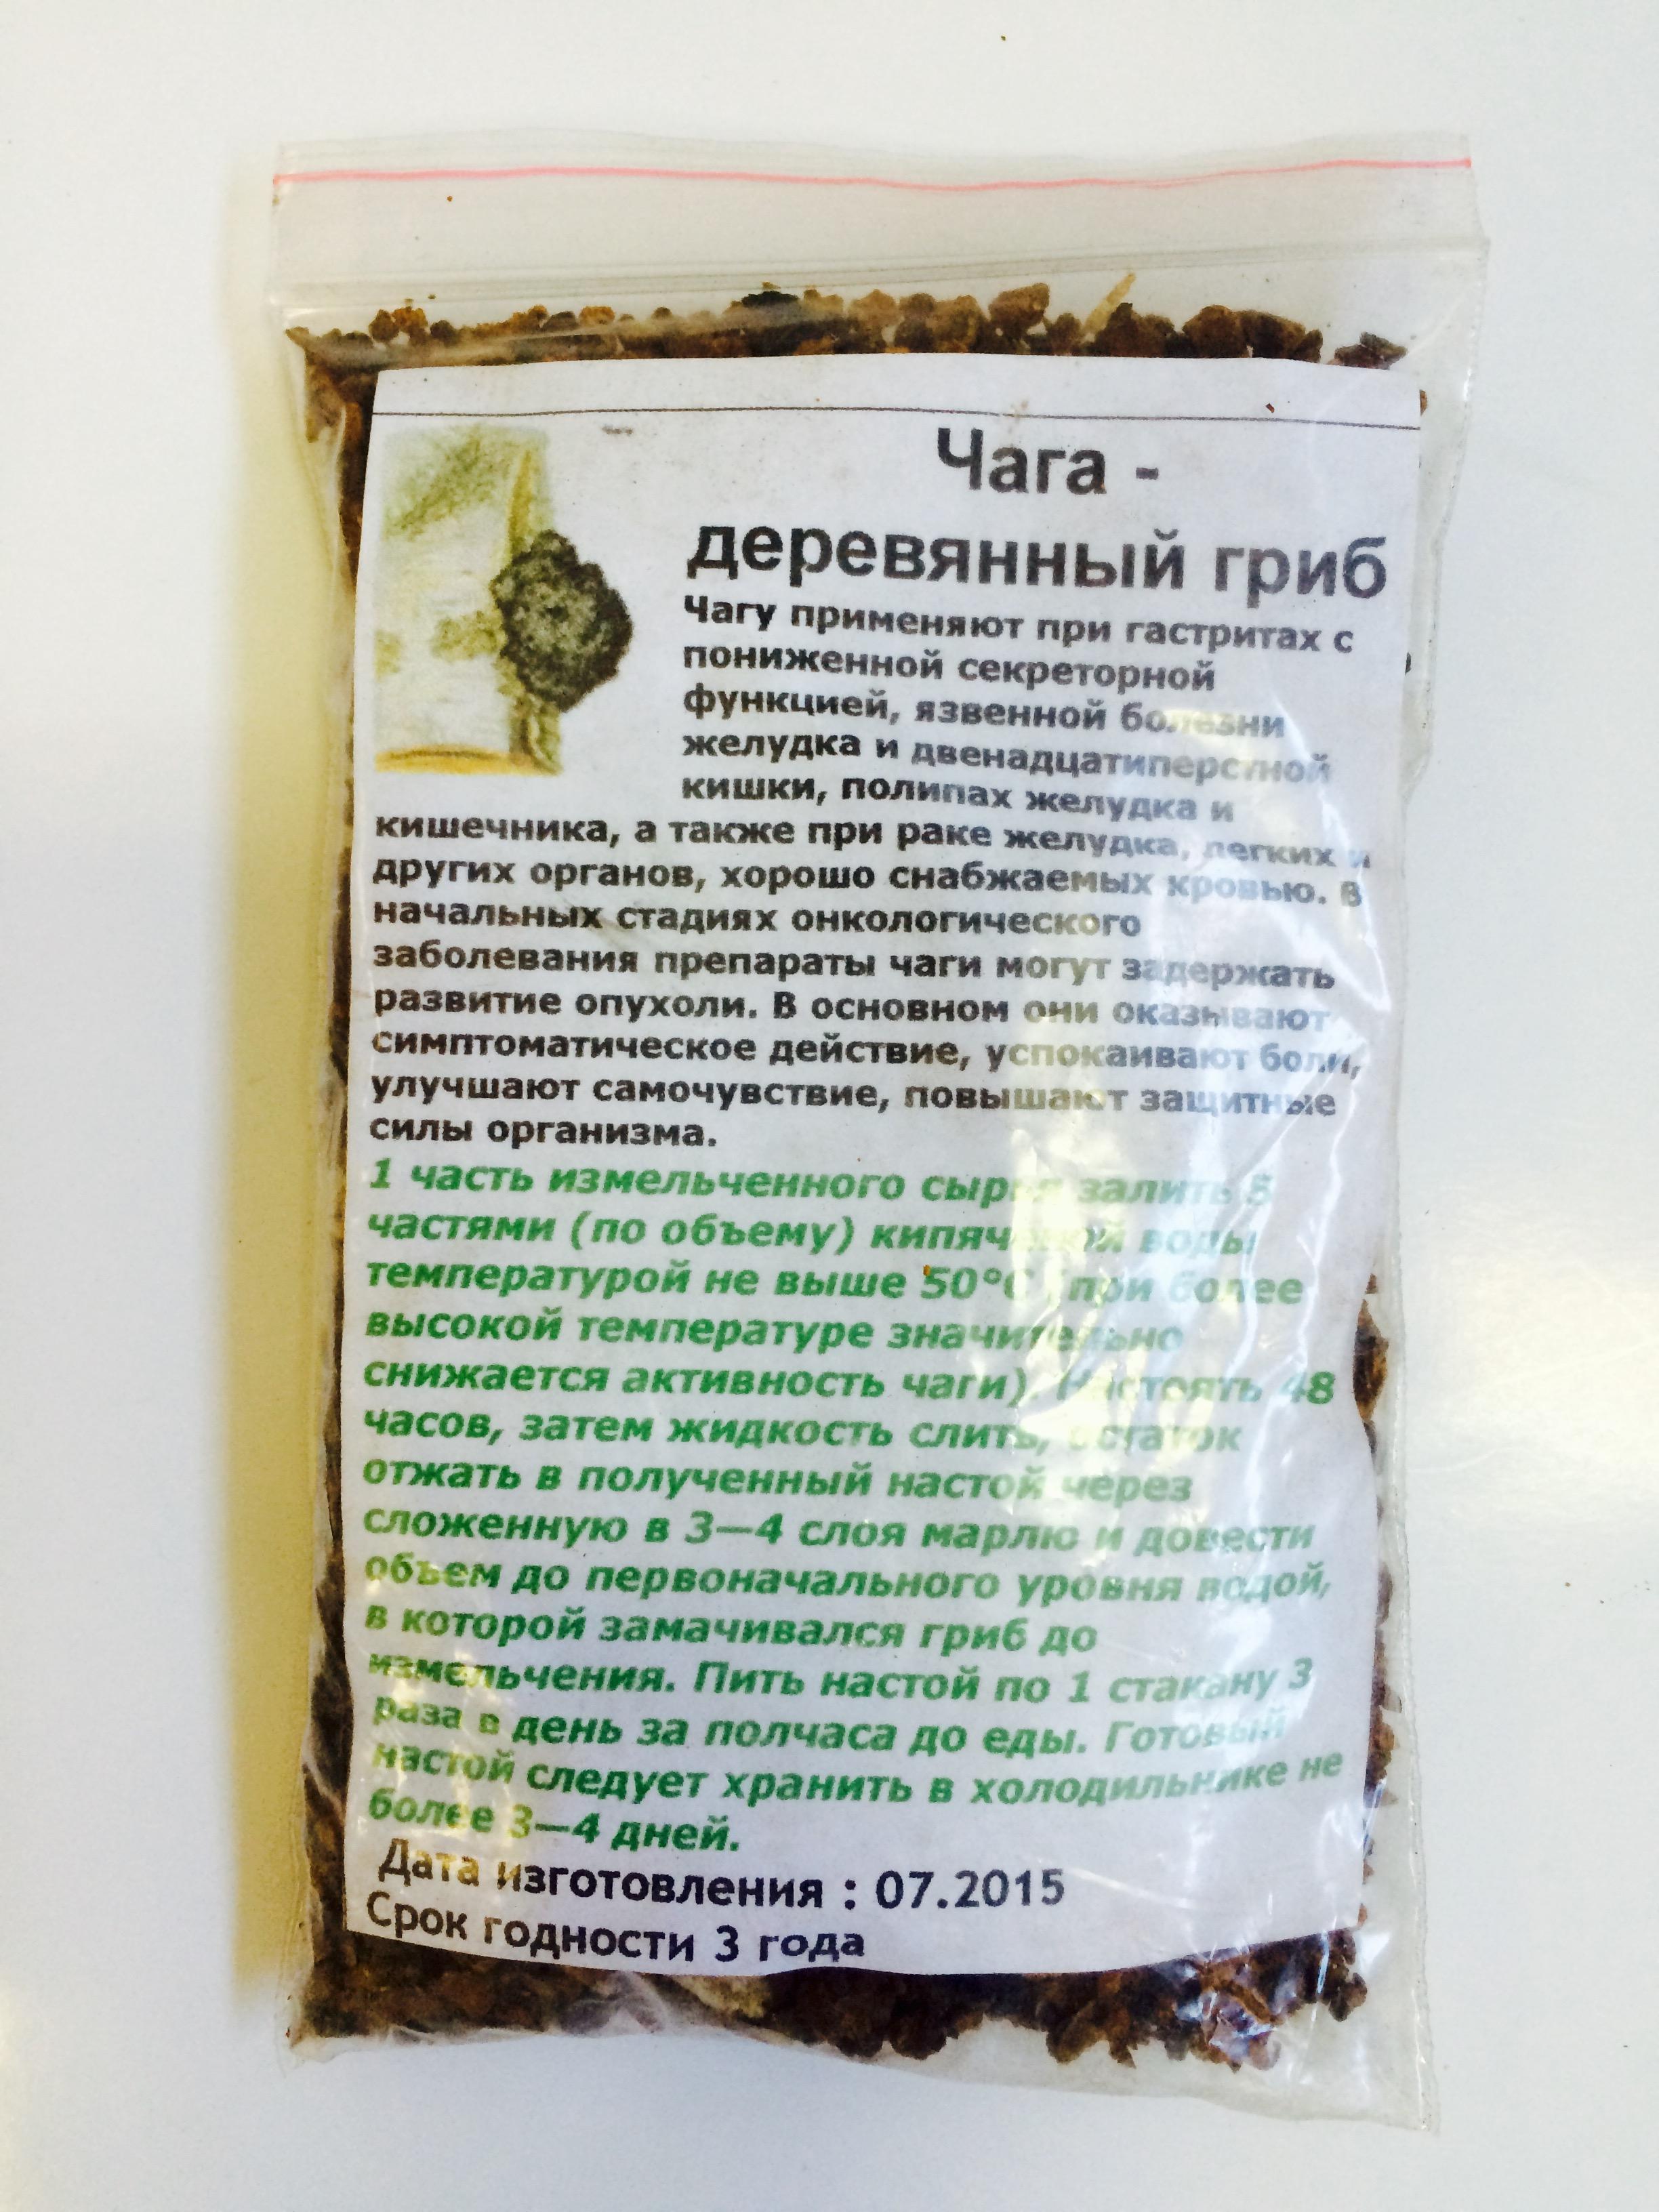 Гриб Чага. Полезные свойства гриба чаги. Чем полезен гриб чага. Как применять березовый гриб для лечения.BagiraClub Женский клуб